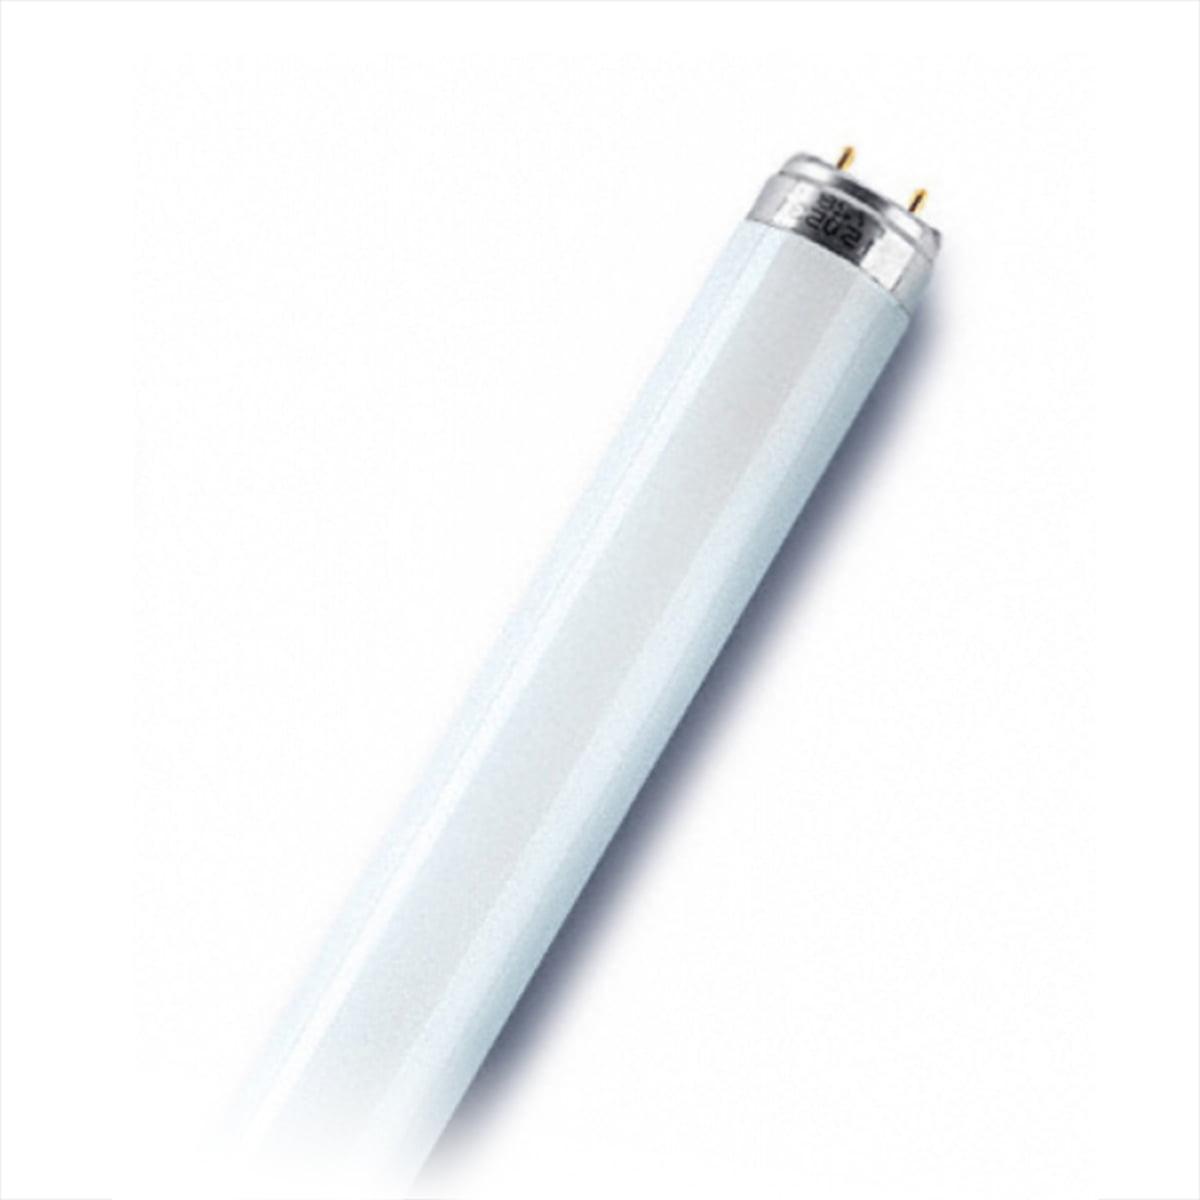 led ready maxlite copy three lamp tight fixture vapor